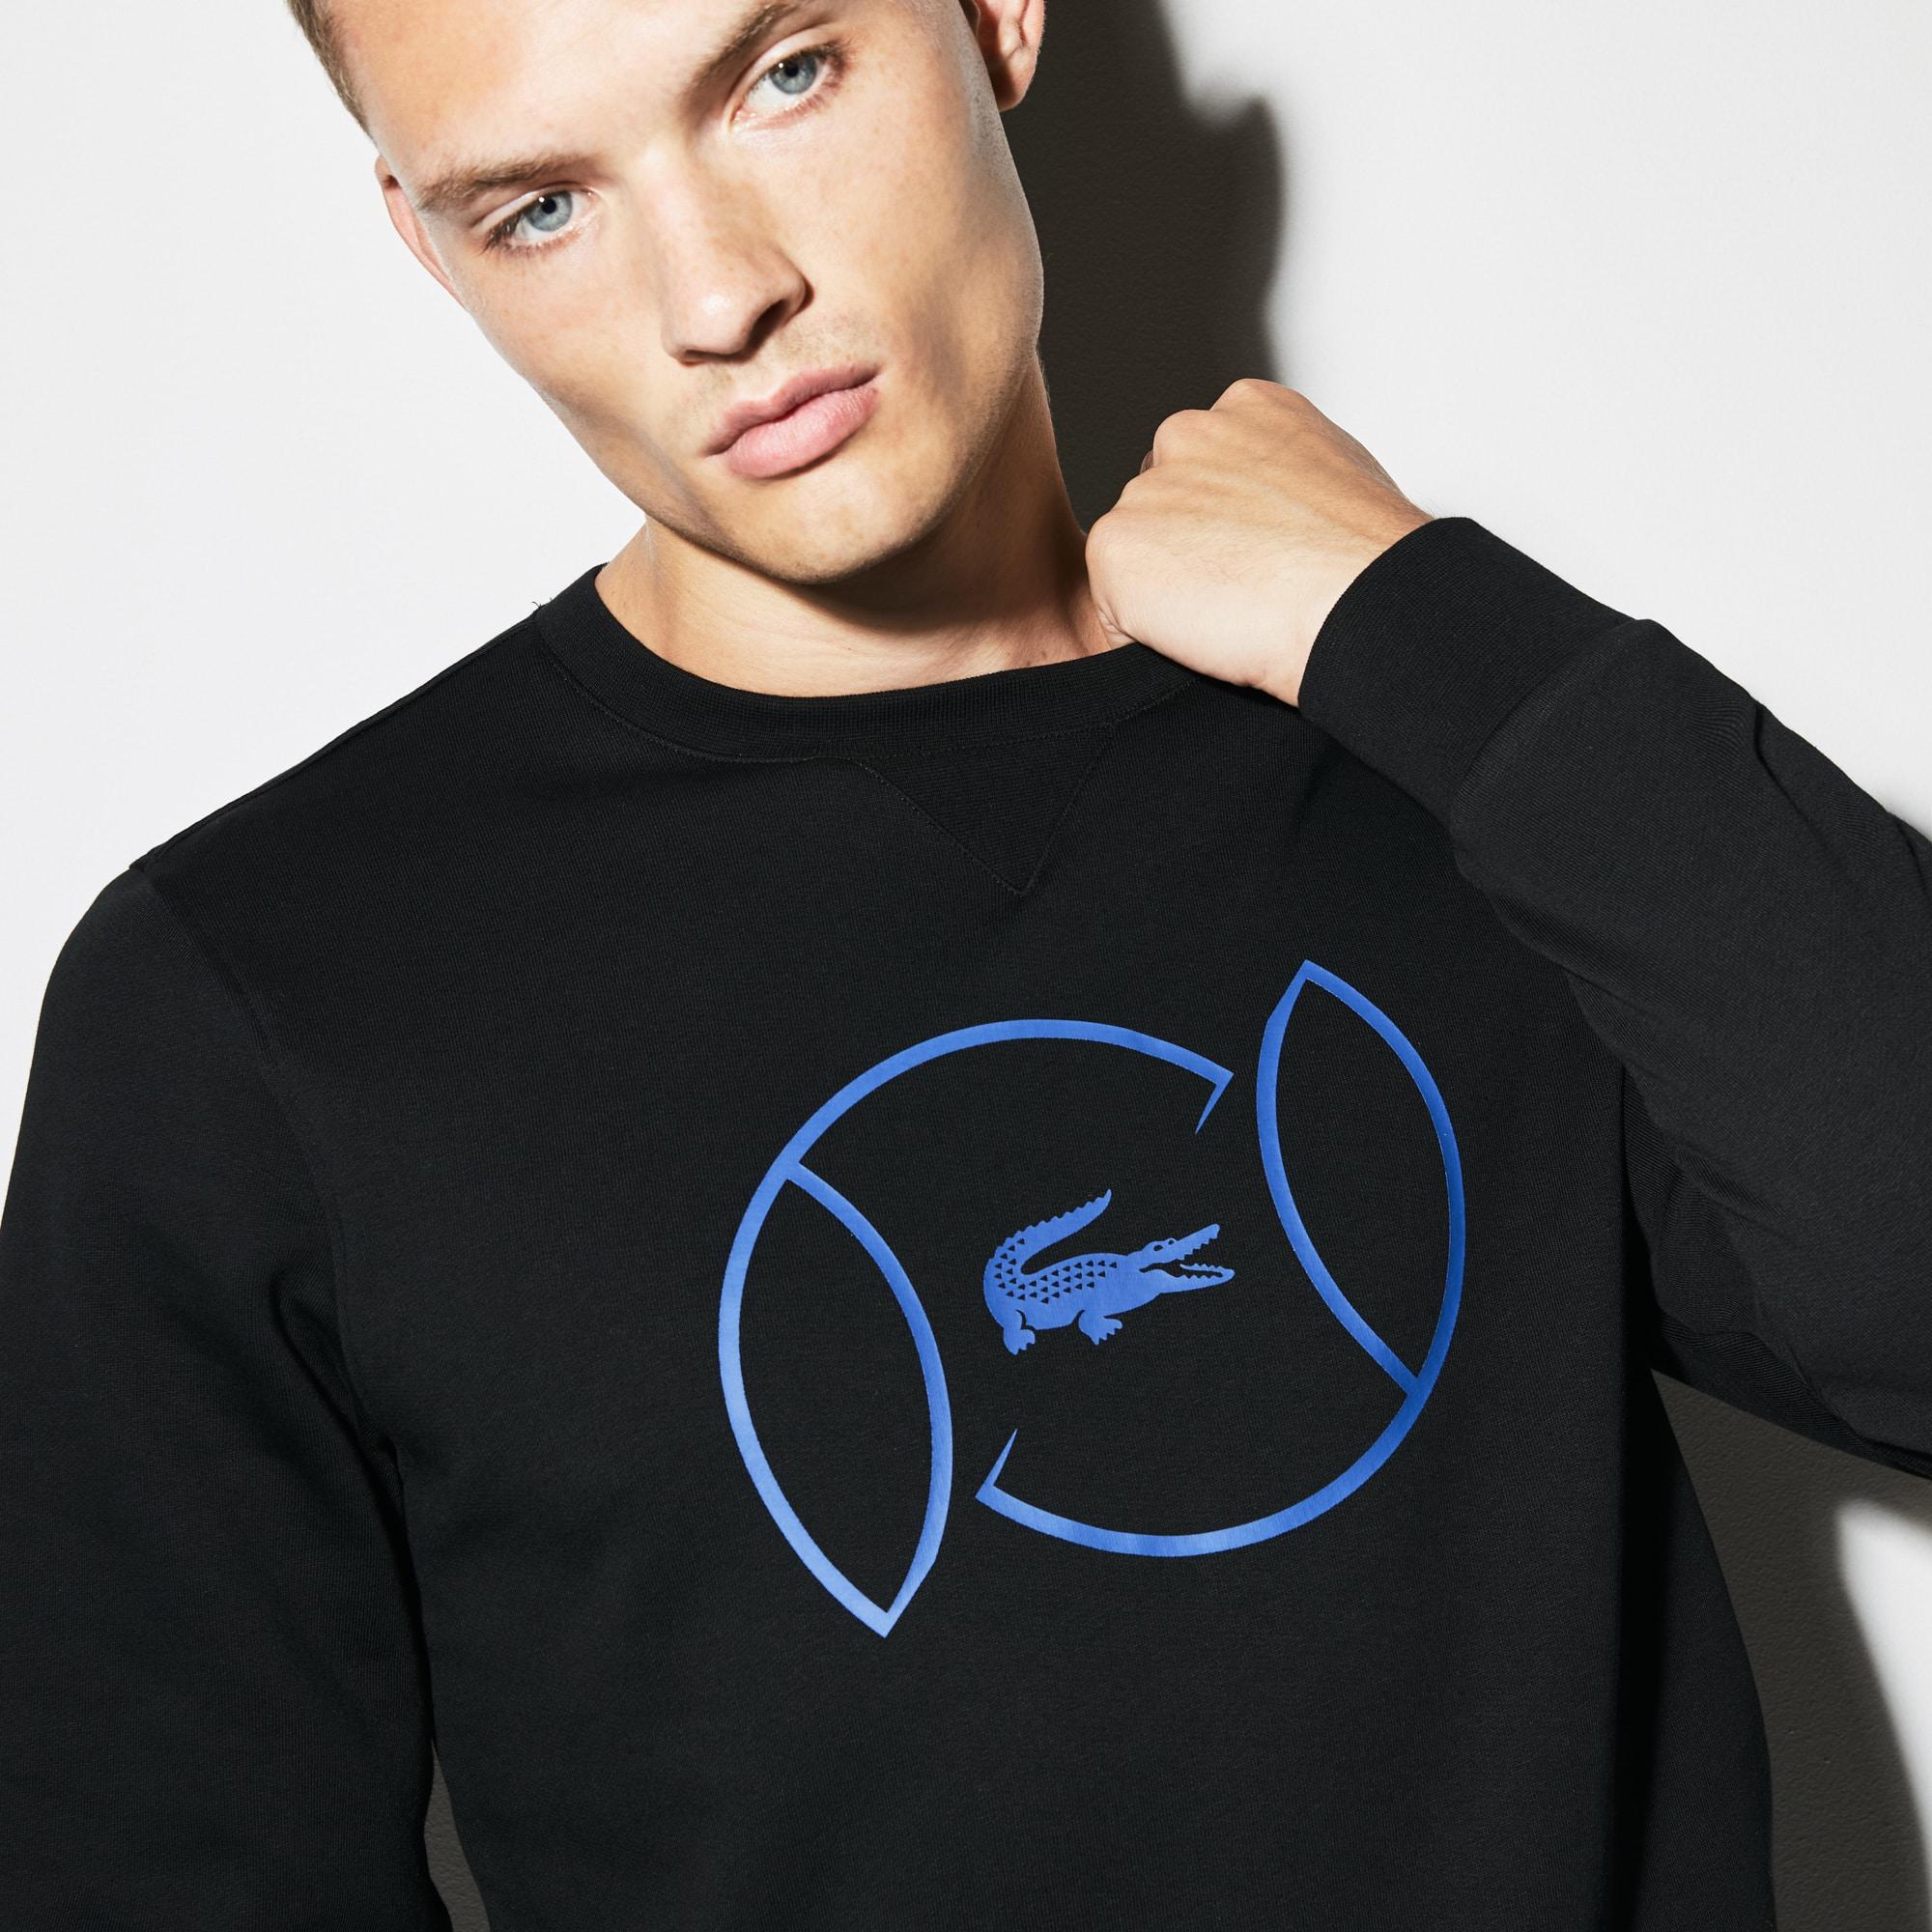 Men's Lacoste SPORT Fleece And Lettering Tennis Sweatshirt